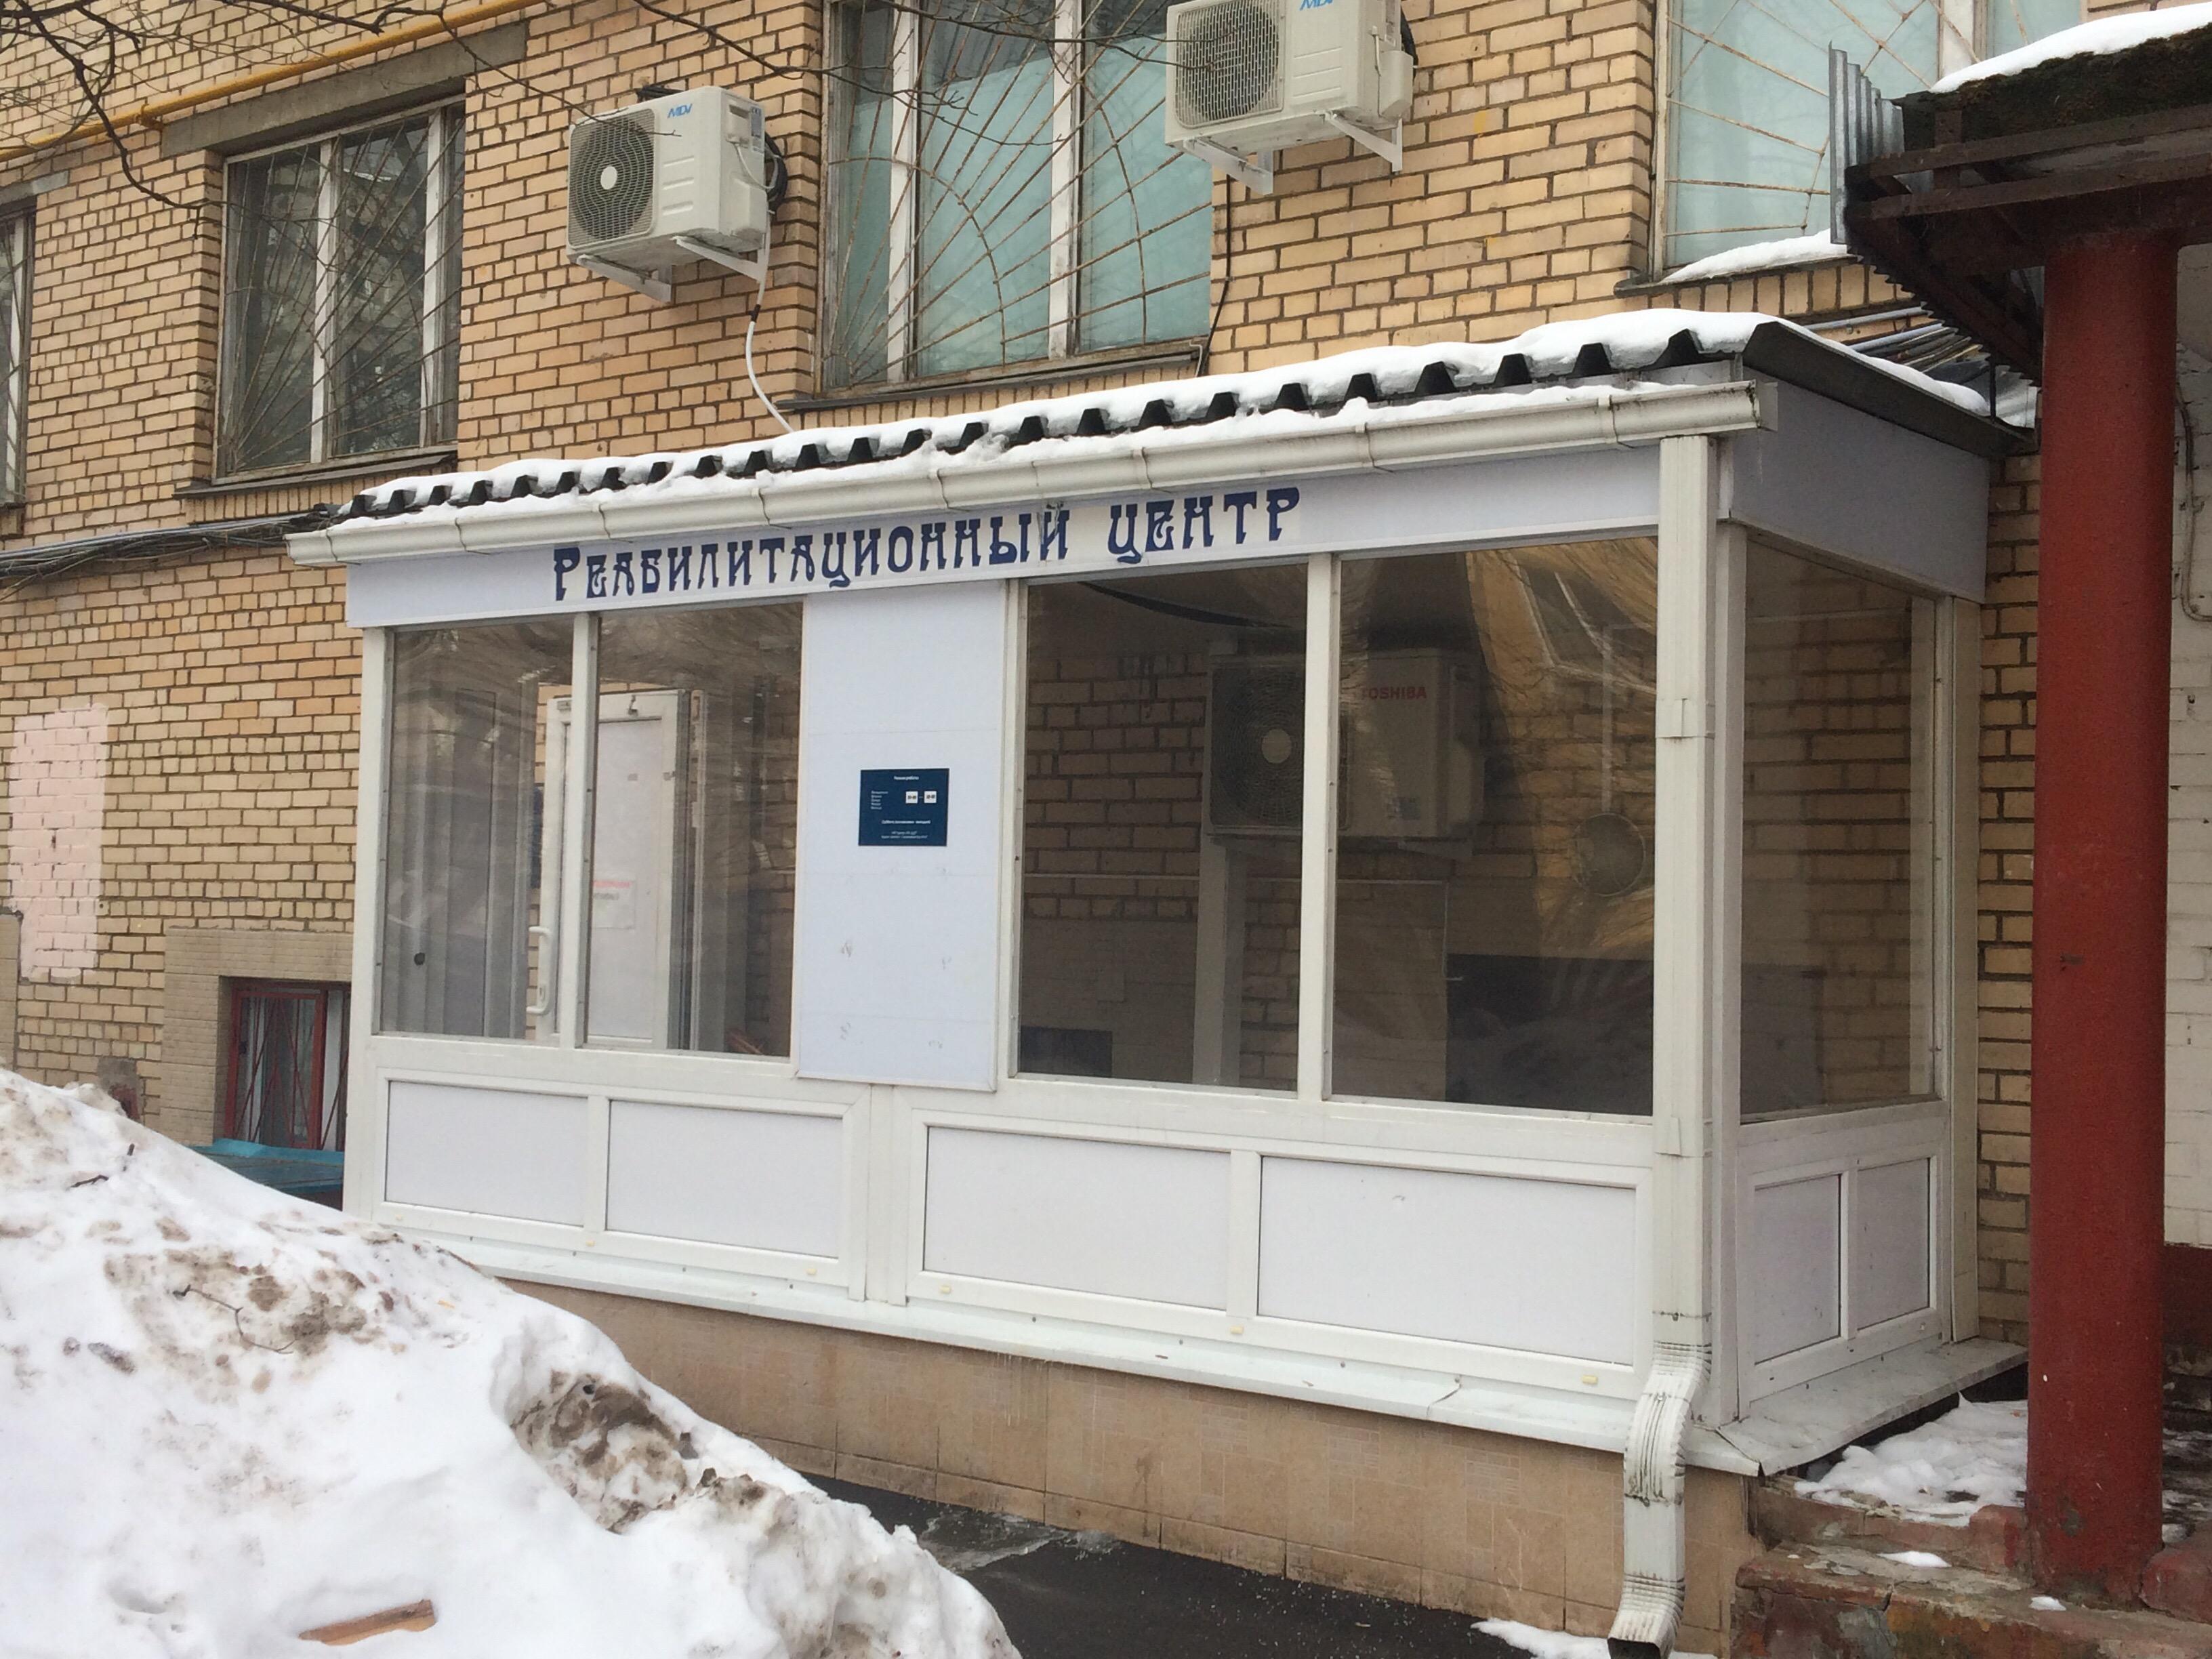 центры реабилитации мвд россии